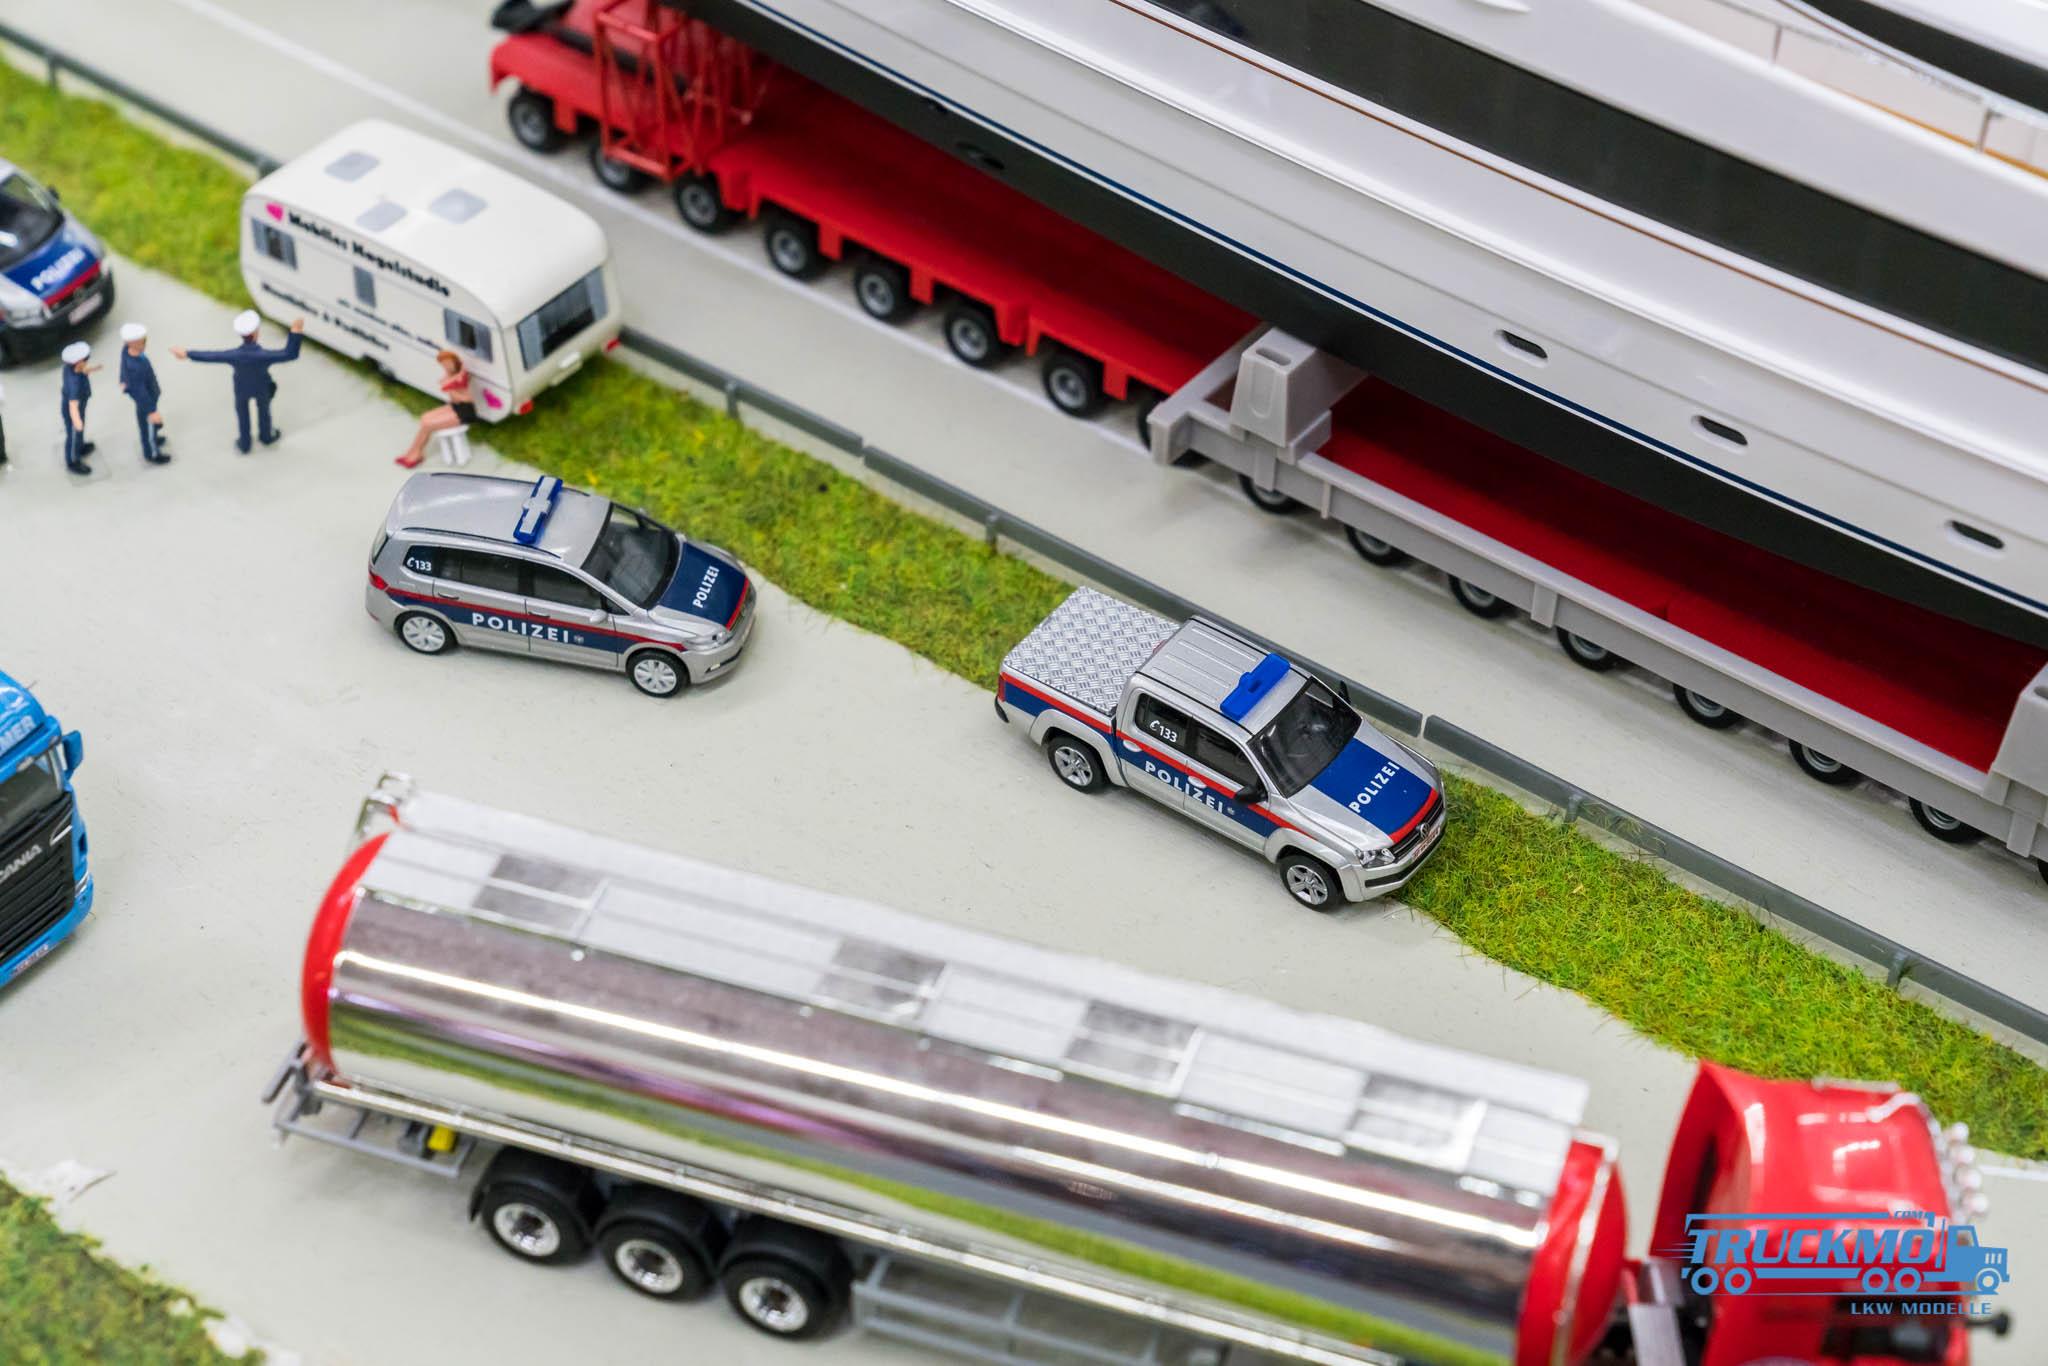 Truckmo_Modellbau_Ried_2017_Herpa_Messe_Modellbauausstellung (260 von 1177)